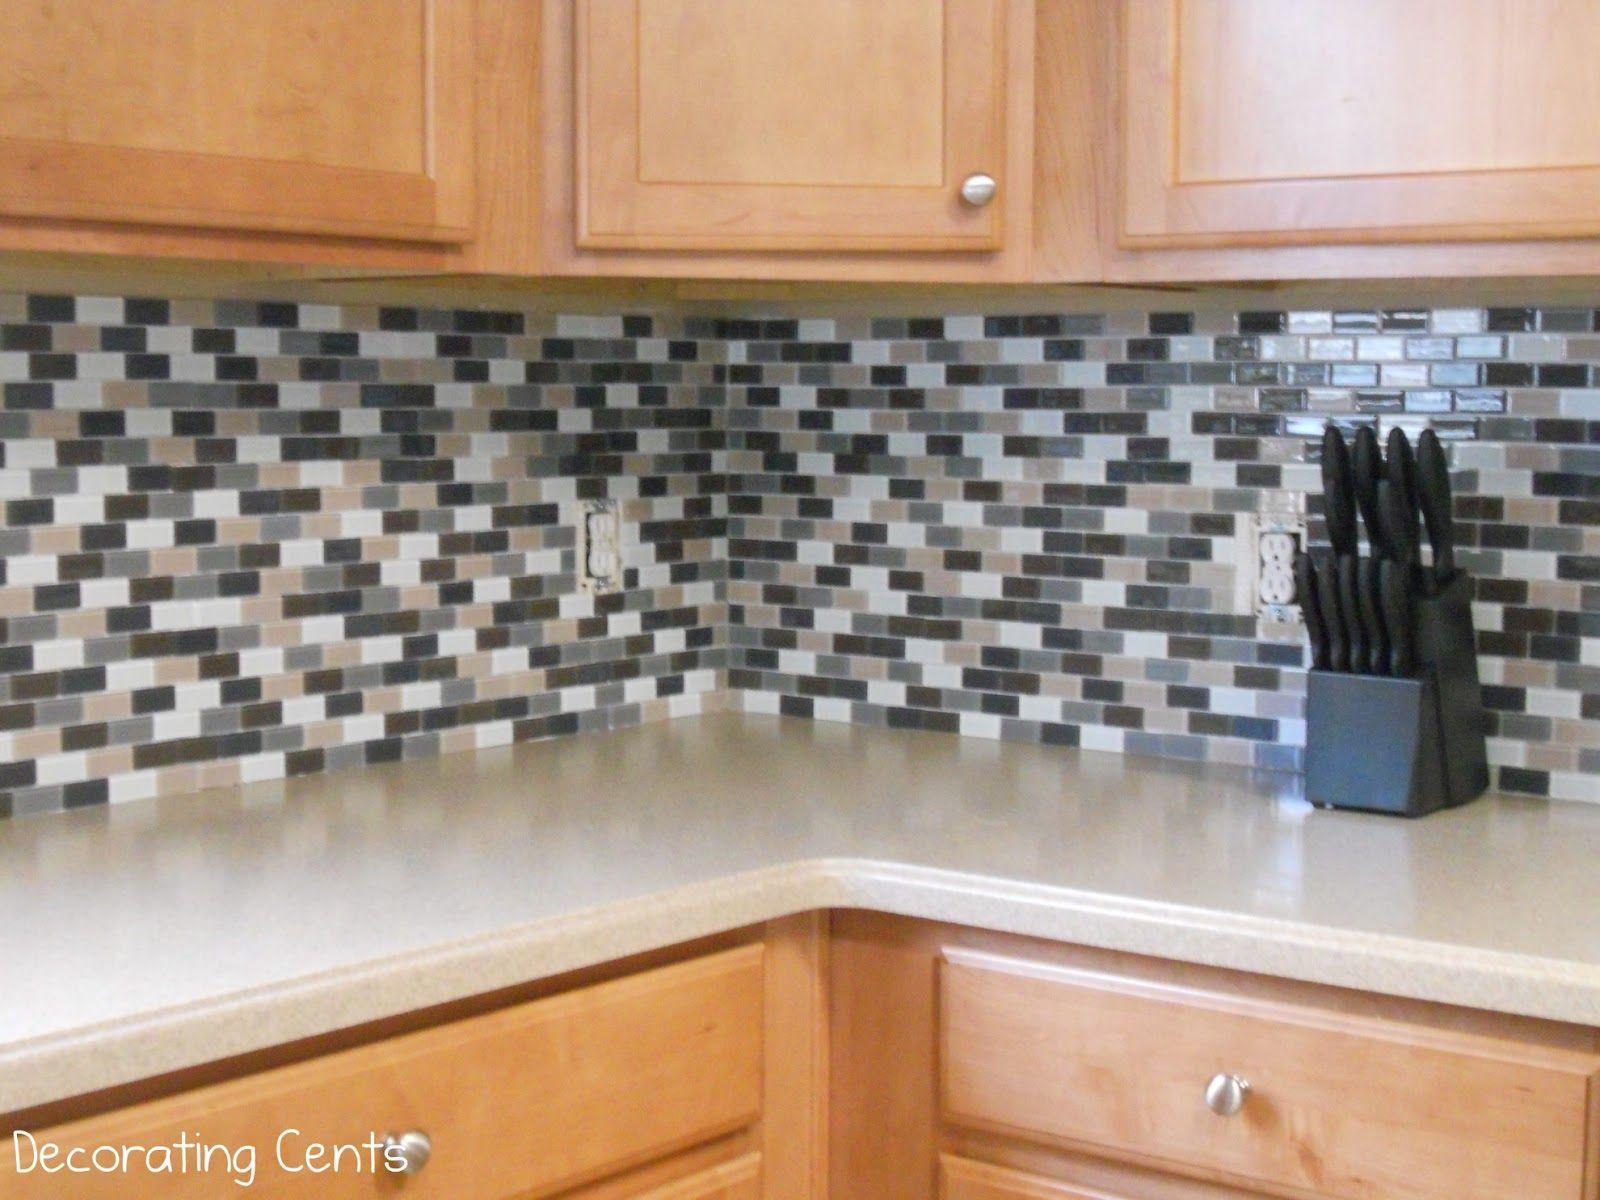 - Find Best Wallpapers: Kitchen Wallpaper That Looks Like Tile Www